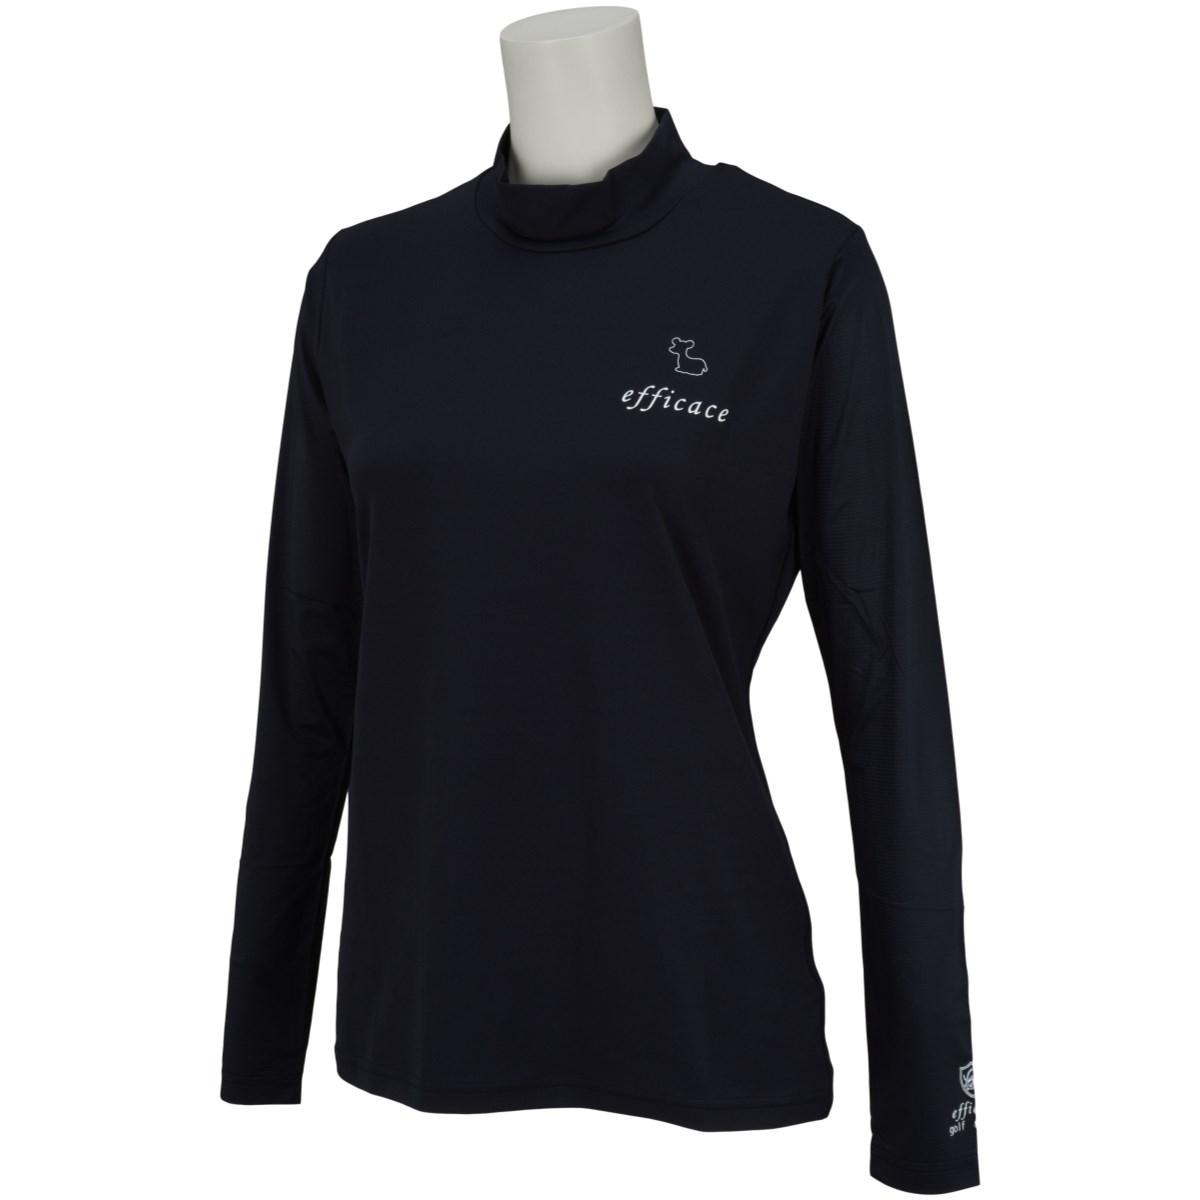 エフィカス efficace アイススキンスリーブモックネック 長袖インナーシャツ S ブラック/ブラック レディス